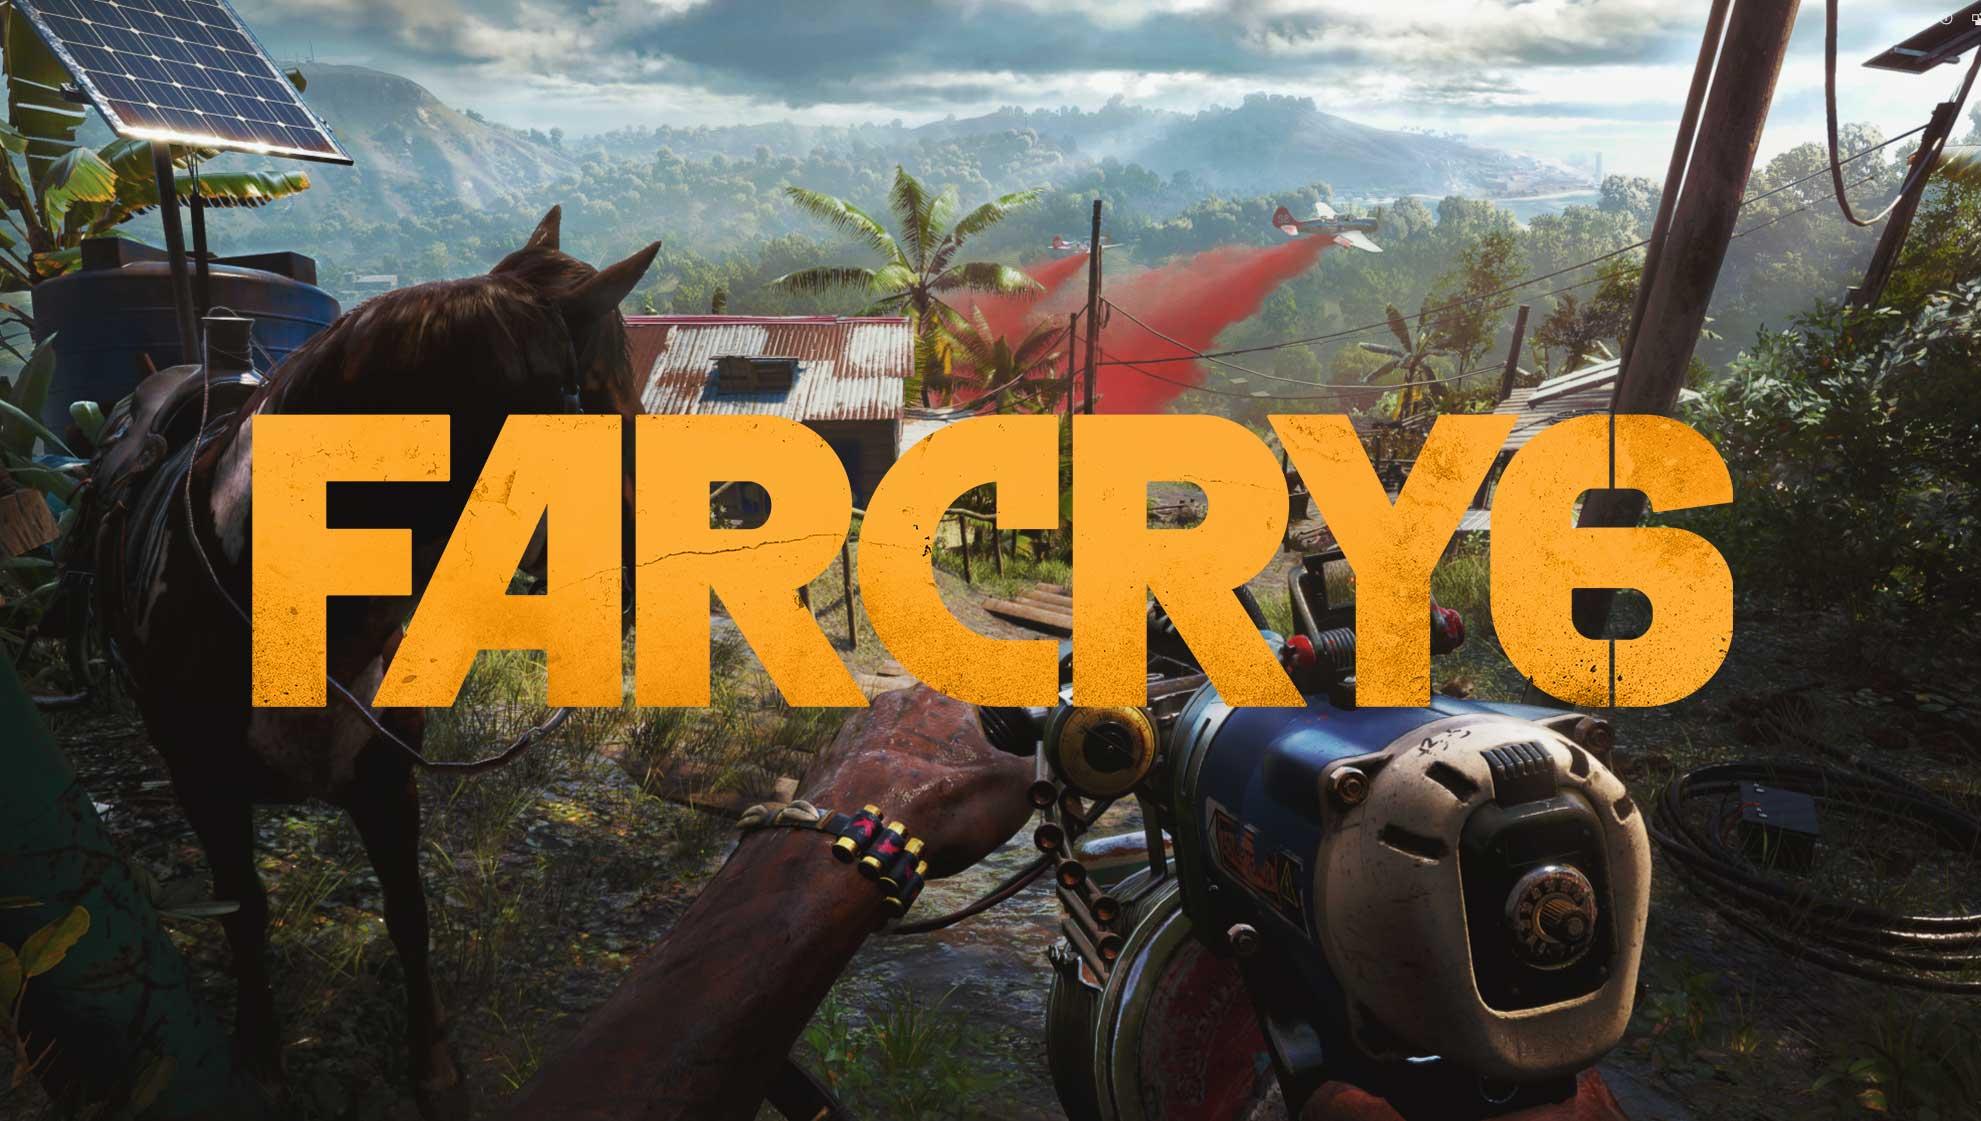 ماهو تاريخ اصدار لعبة Far Cry 6